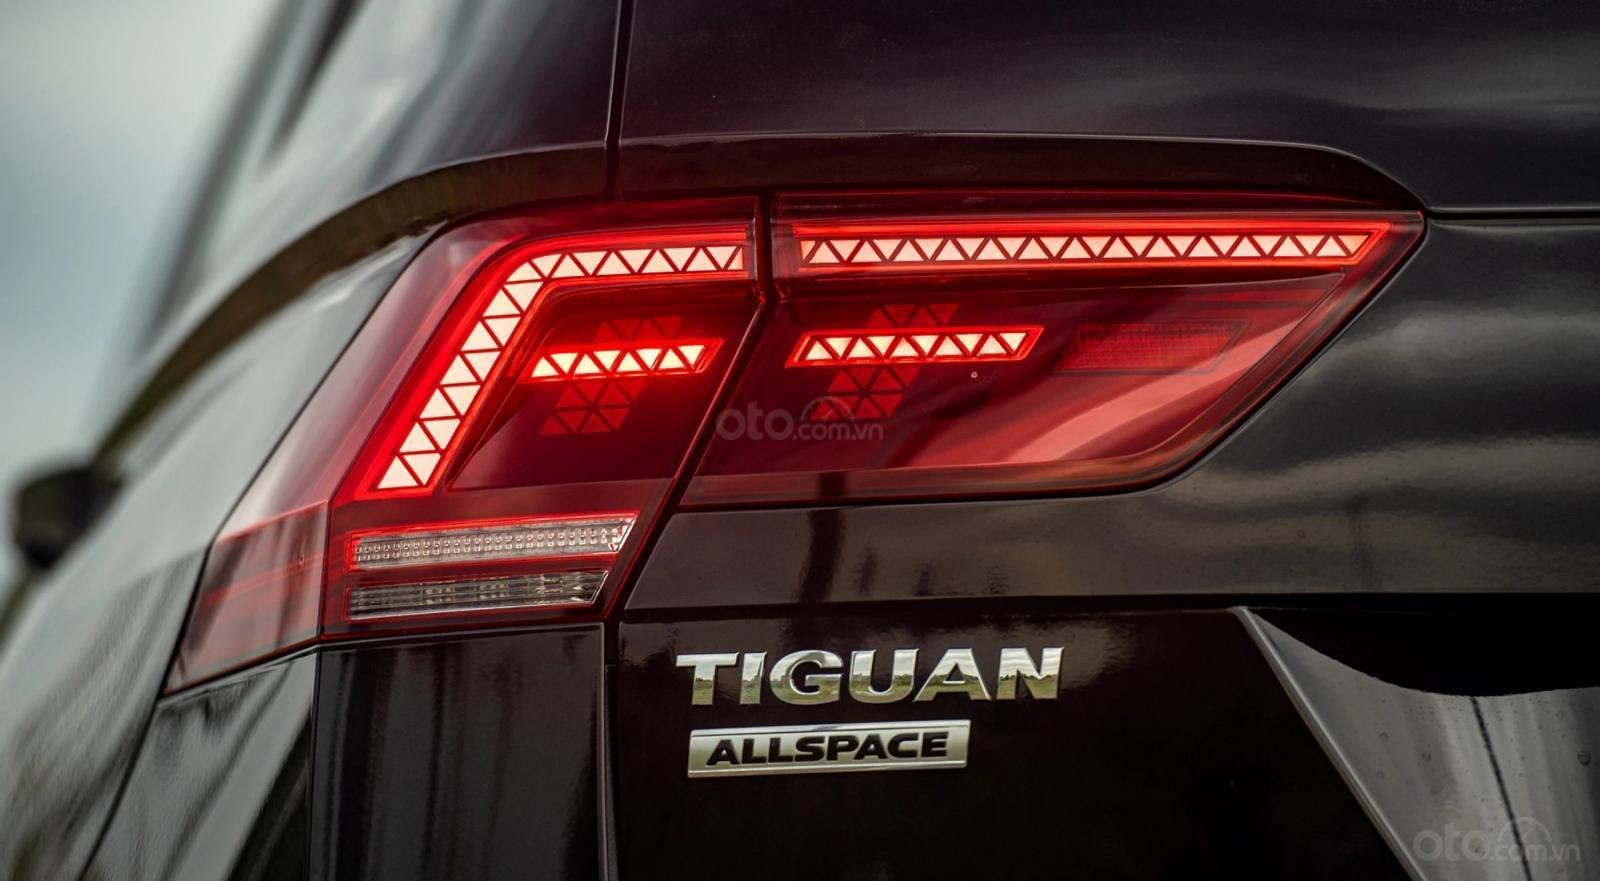 Liên hệ Mr Thuận báo giá đặc biệt để chốt xe tháng 3/2021 Tiguan Luxury S 2021 - SUV 7 chỗ Tiguan phiên bản cao cấp nhất (5)